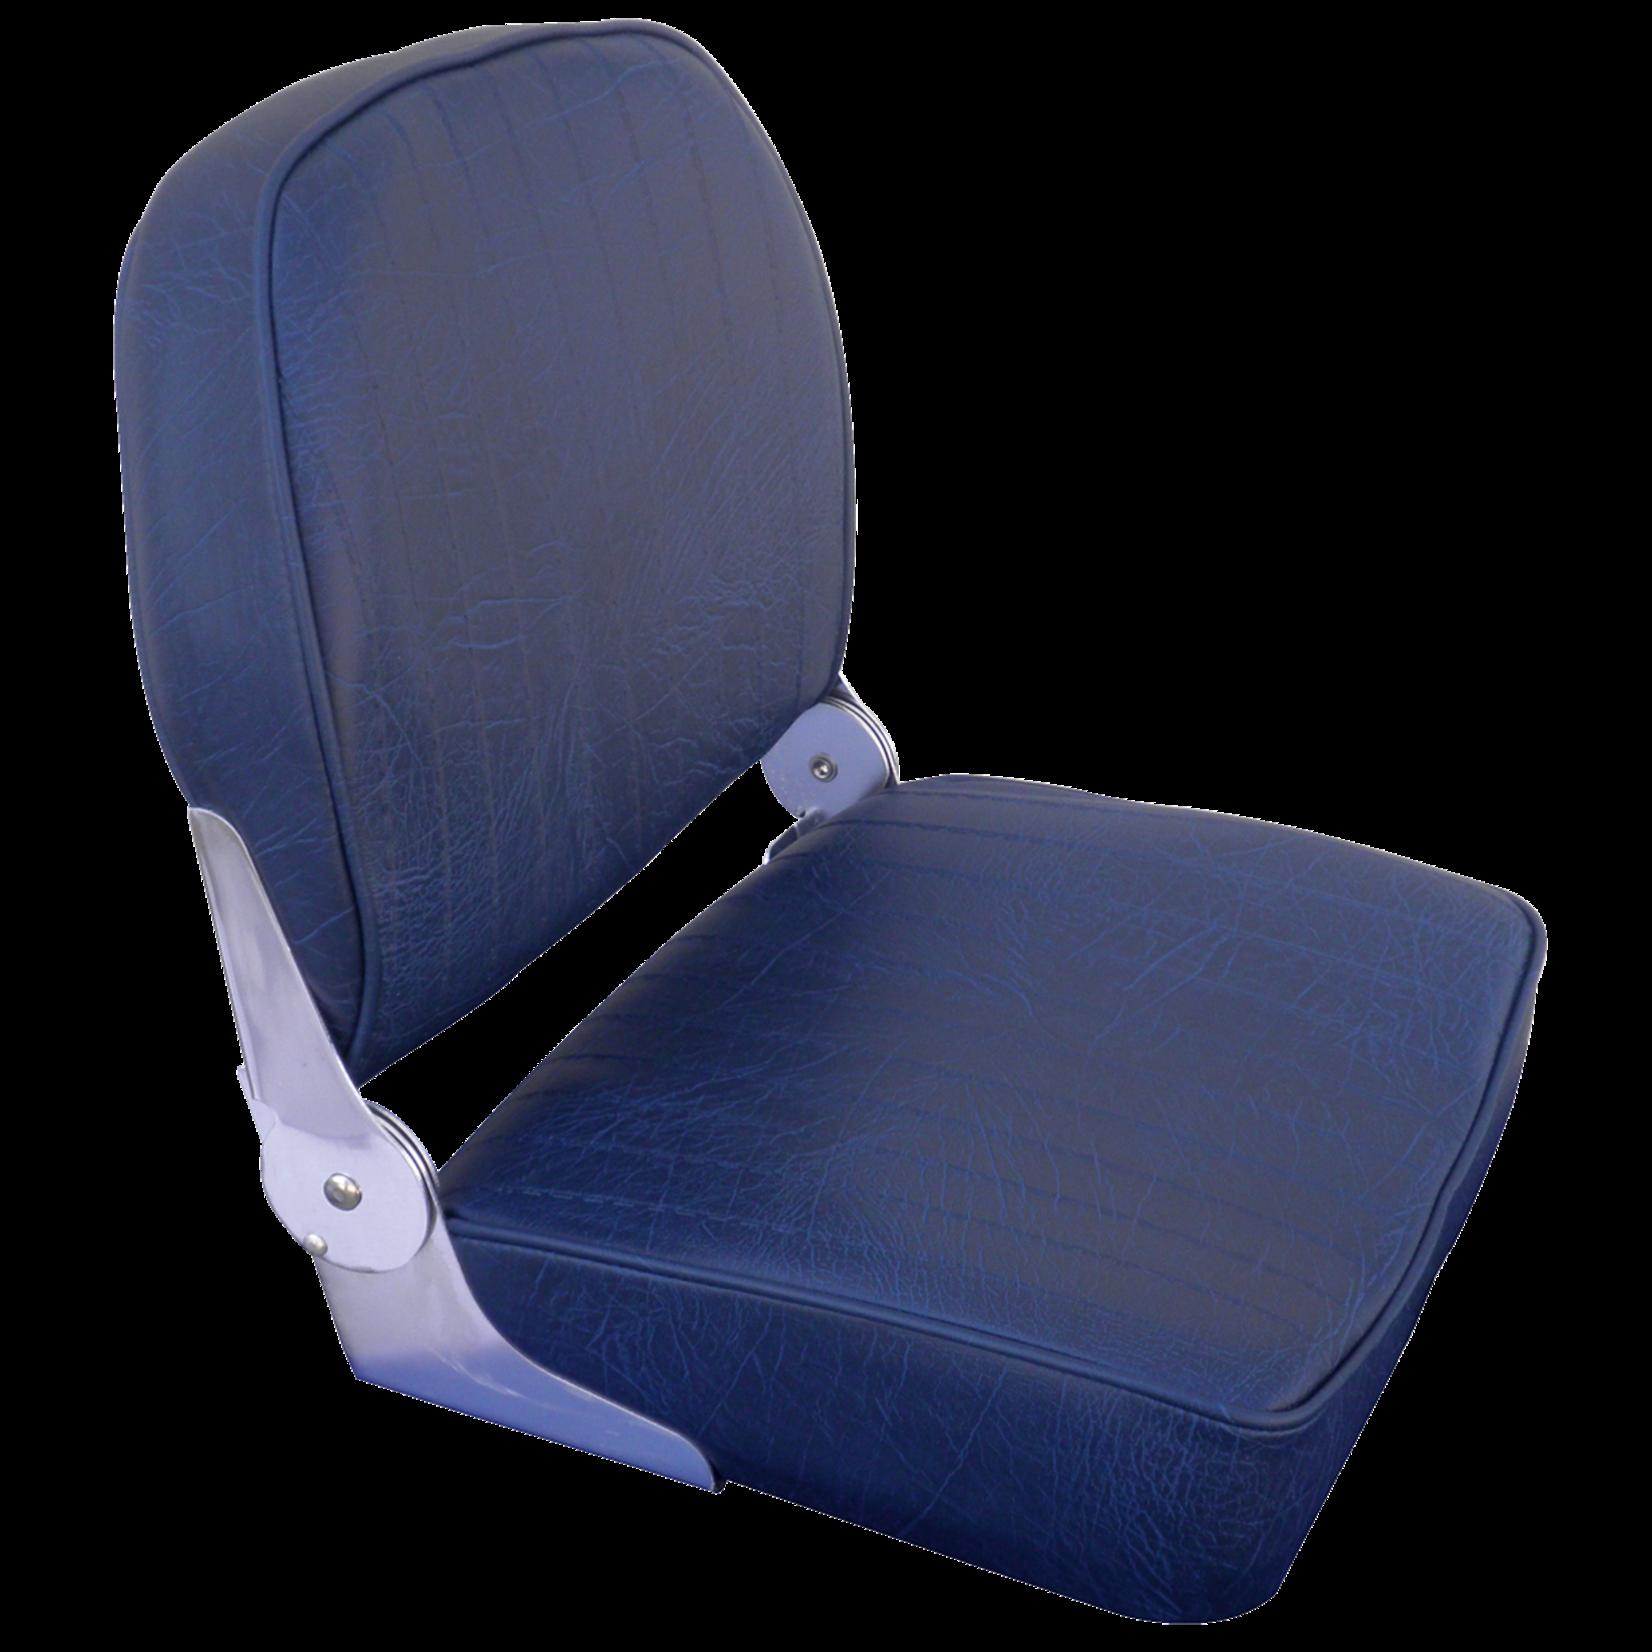 Allpa Corfu - Folding Boat Seat